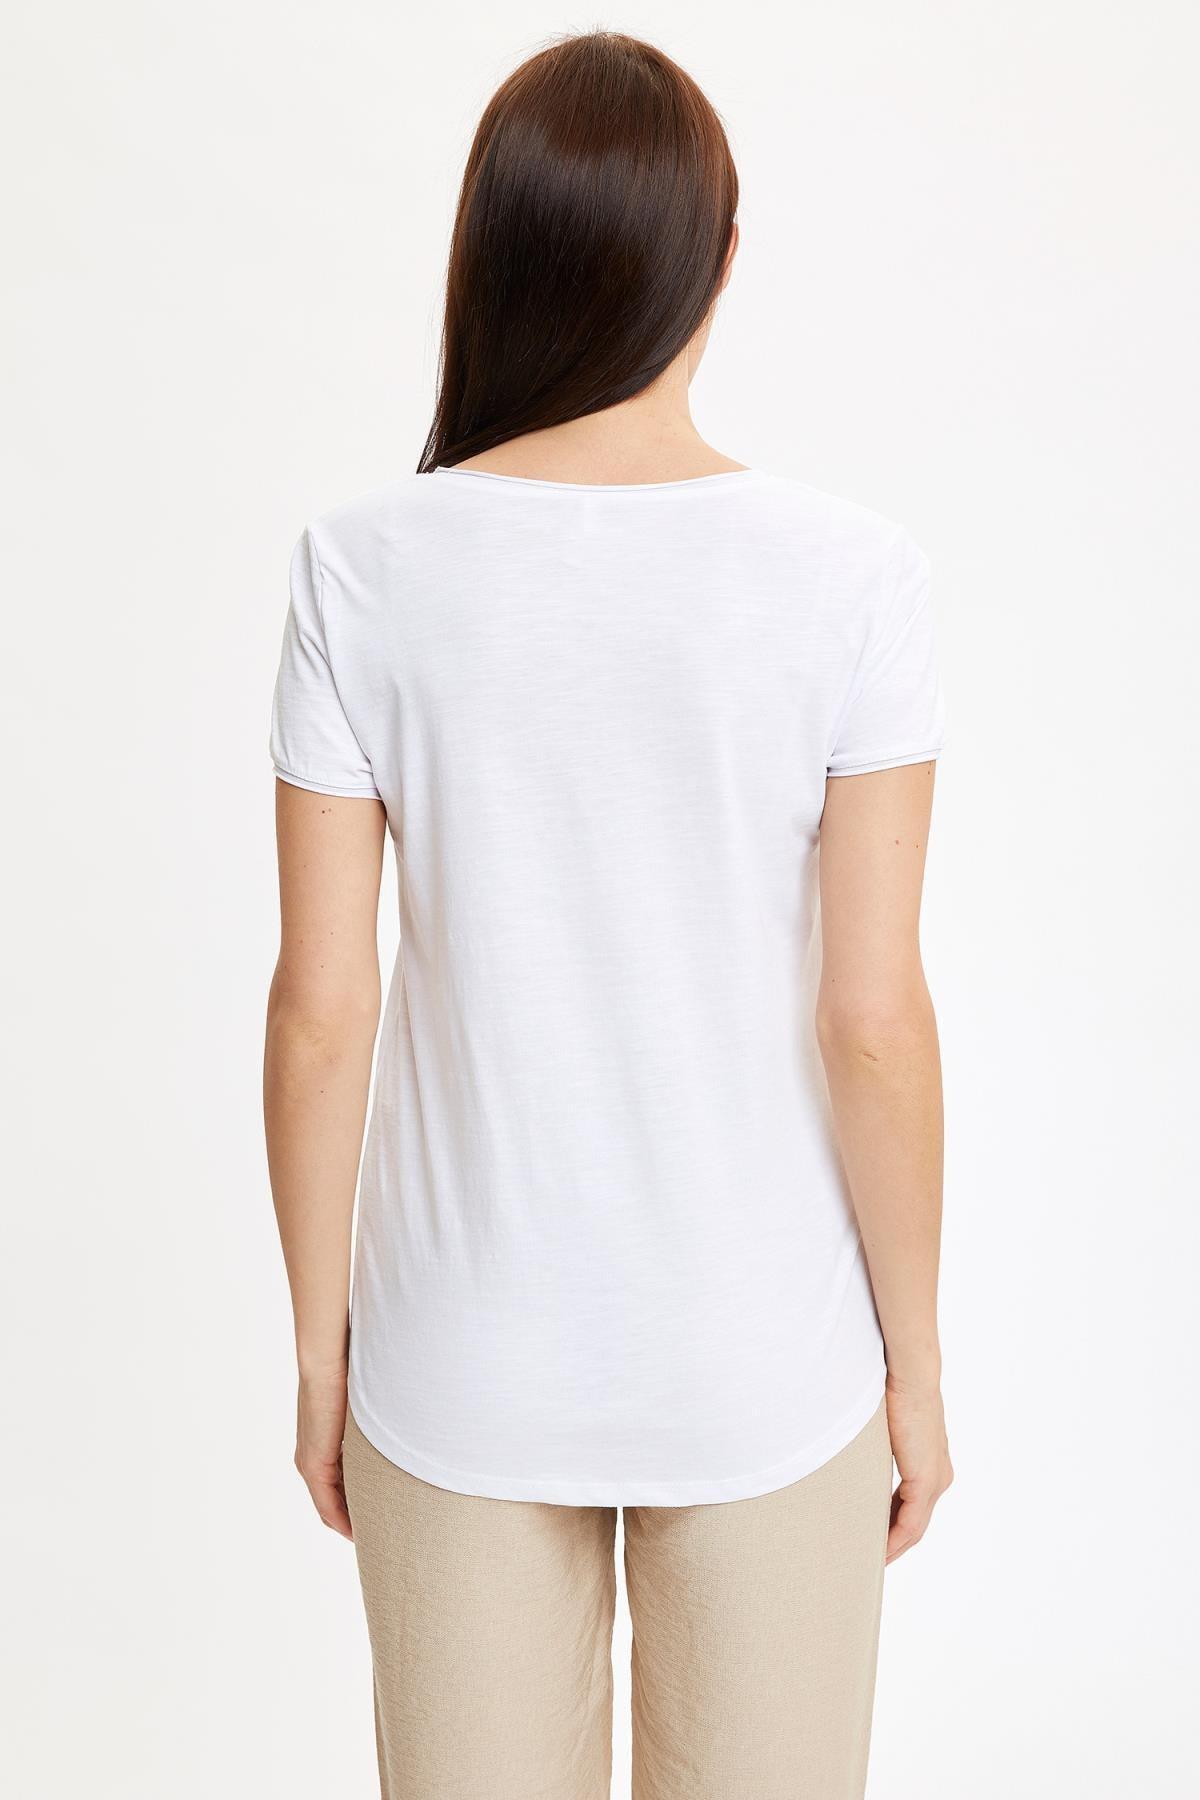 Defacto Kadın Beyaz V Yakalı Kısa Kollu T-Shirt K1507AZ.20SP.WT34 3